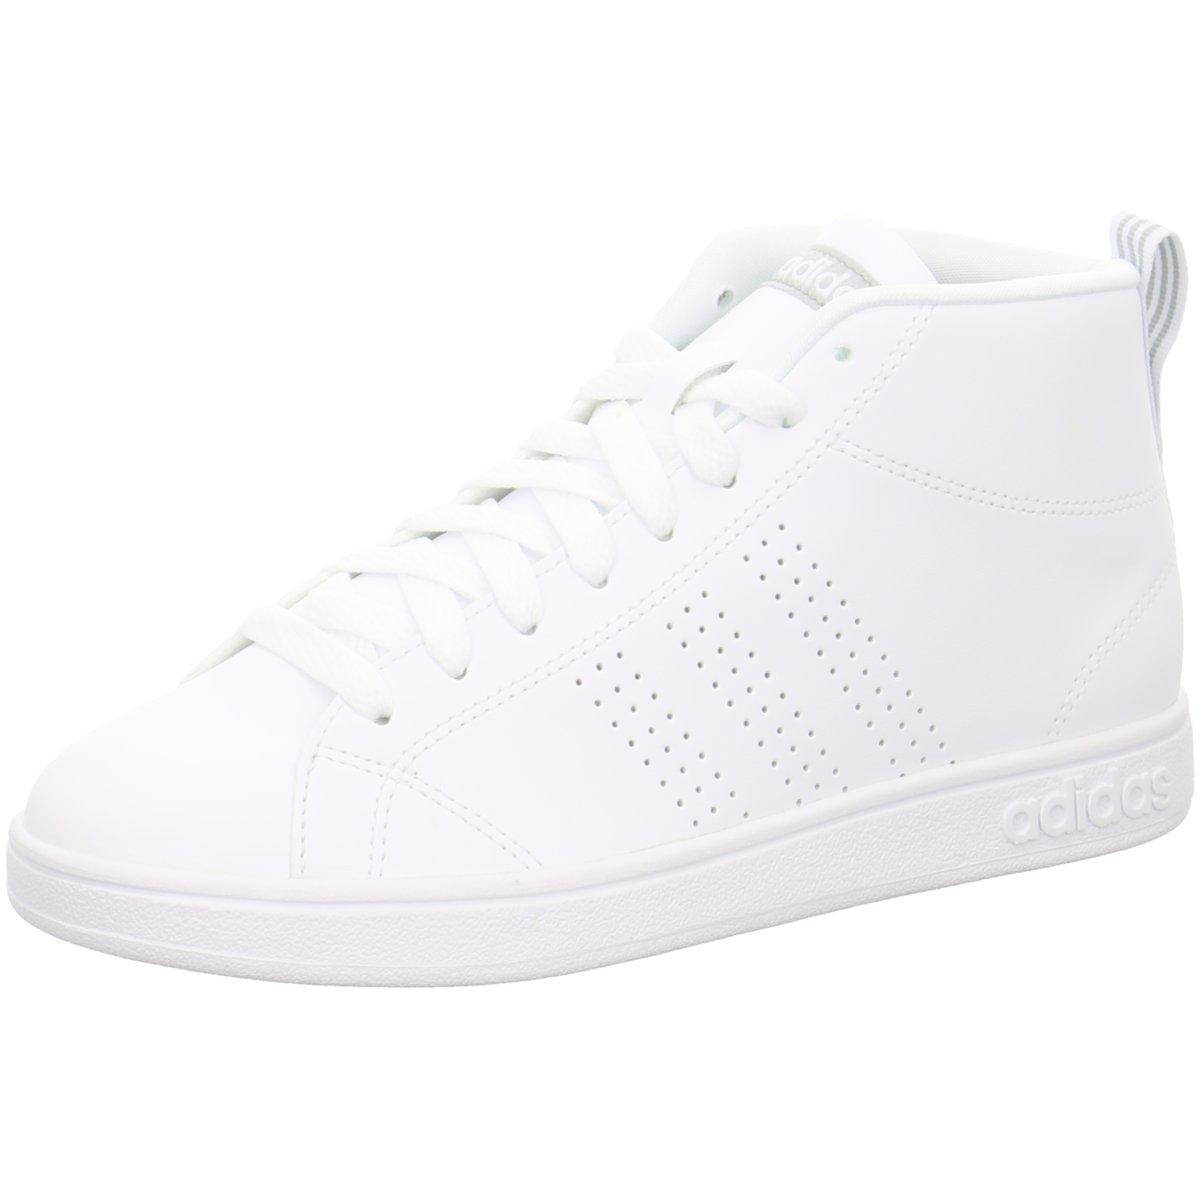 ADVANTAGE CL MID Herren Hi Sneaker Schwarz